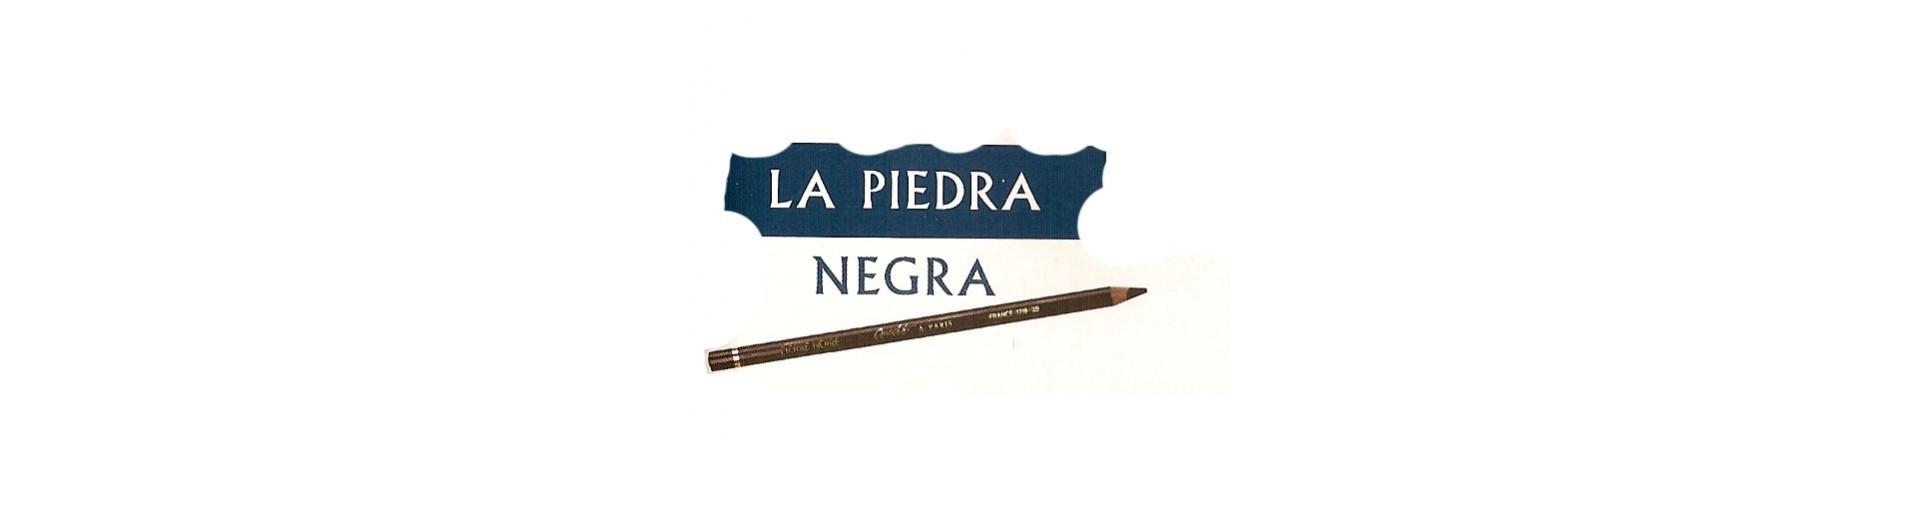 PIEDRA NEGRA (COMPUESTO)